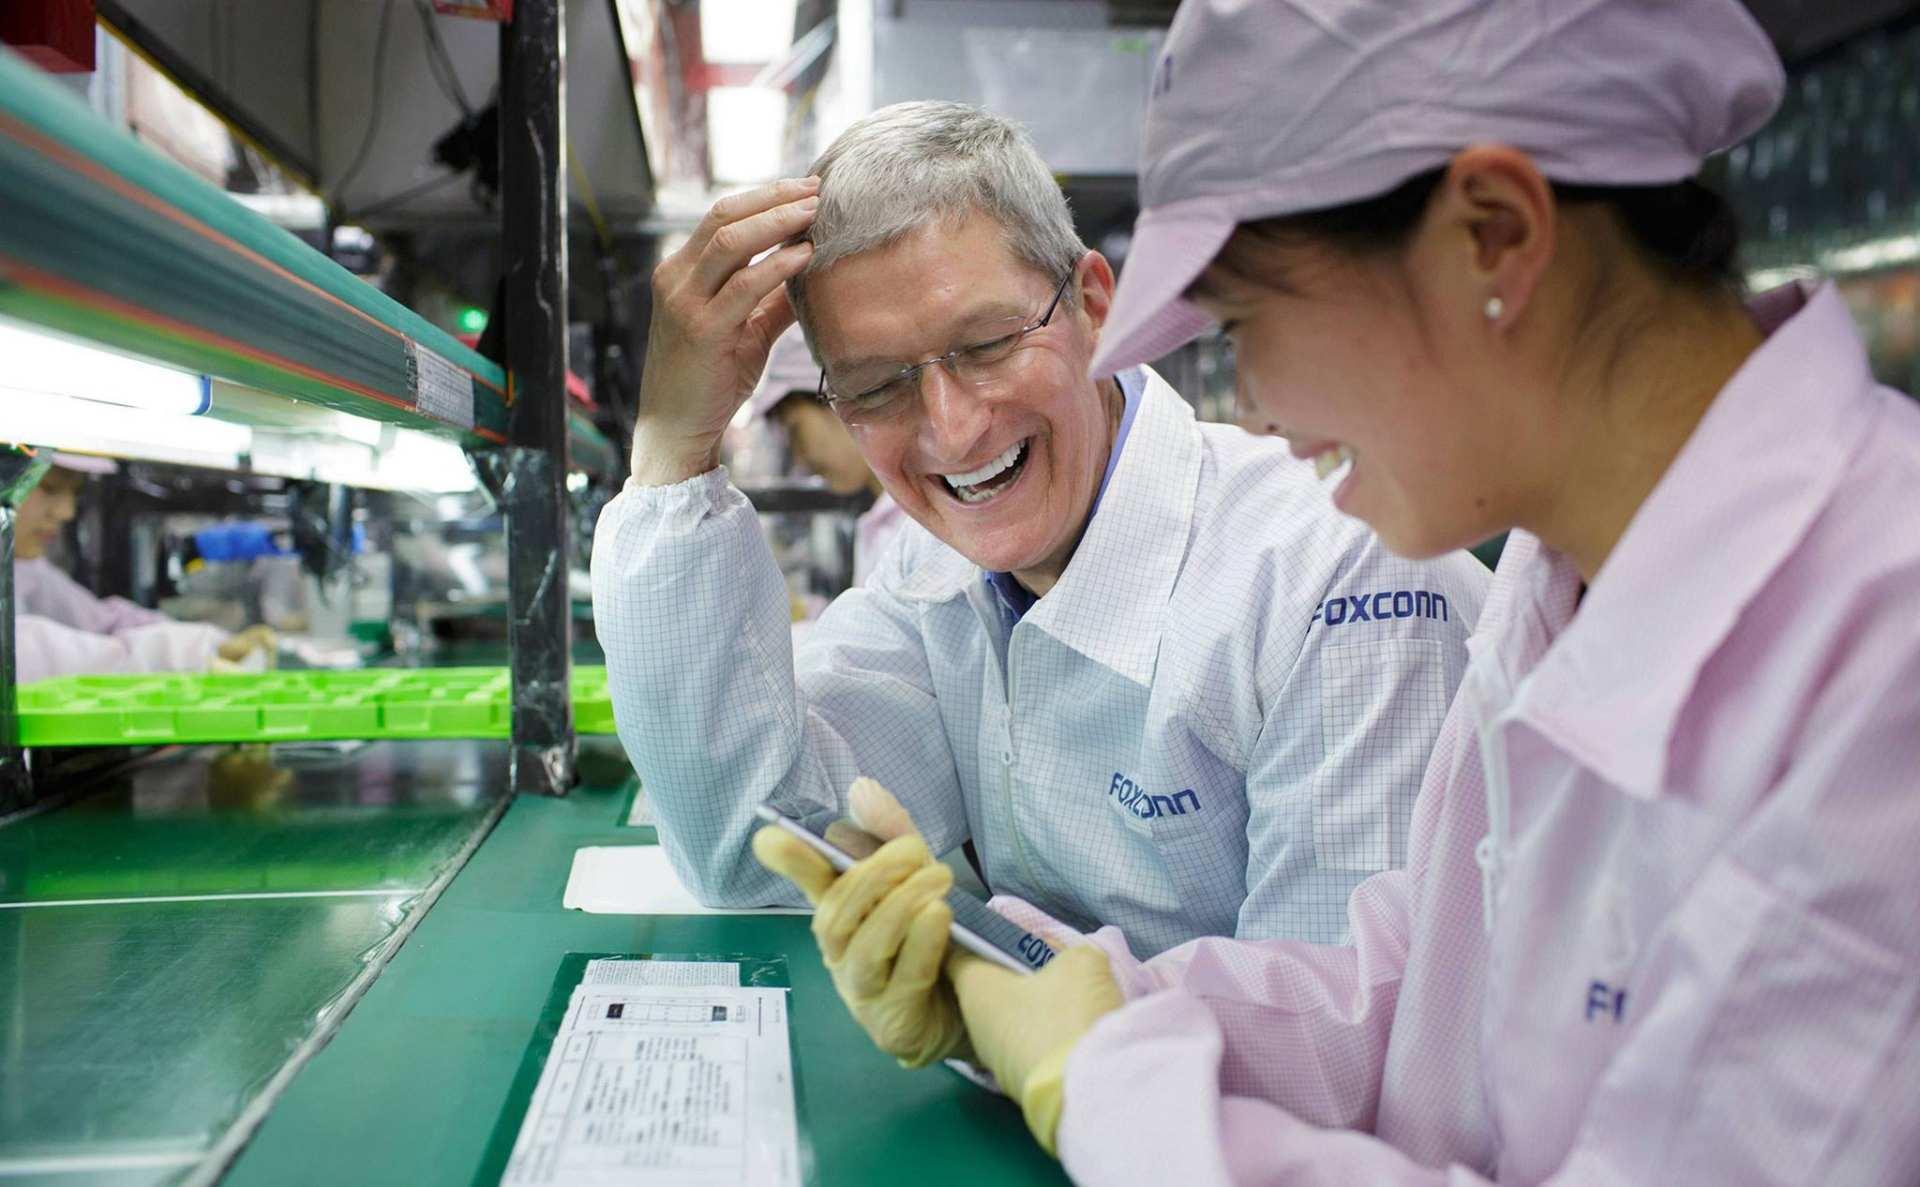 富士康 iPhone 13备货量曝光,富士康1万元重奖员工,库克可以放心了